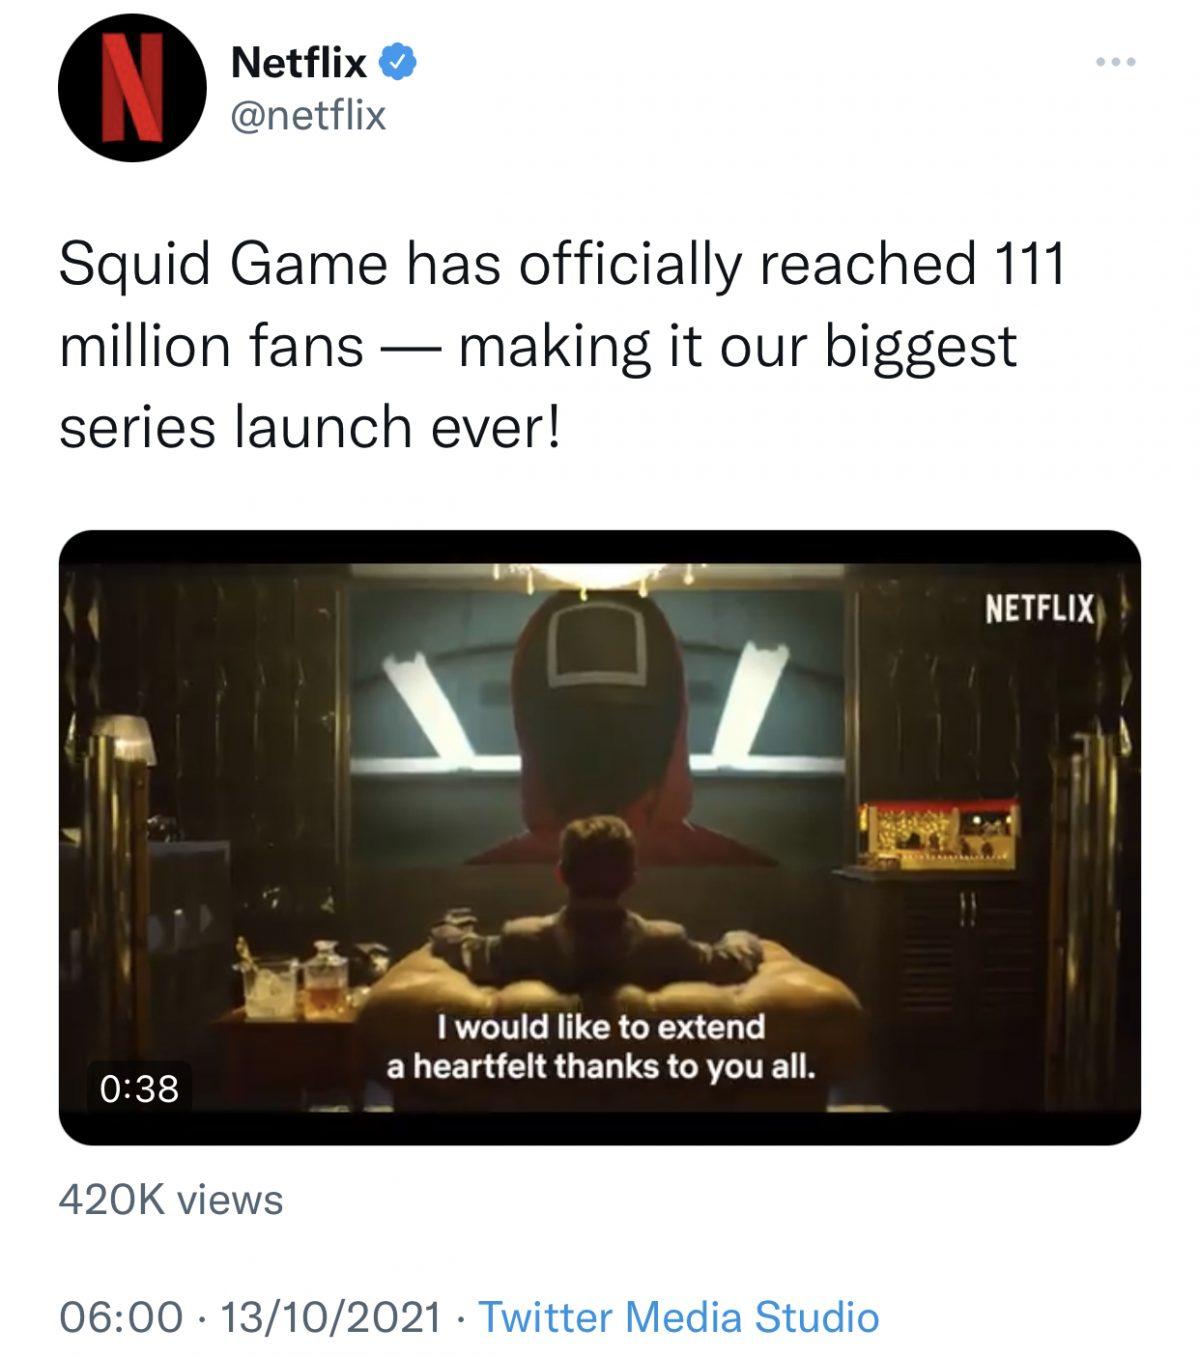 超越《Bridgerton》!《鱿鱼游戏》成Netflix史上开播观看量最高剧集!-Woah.MY